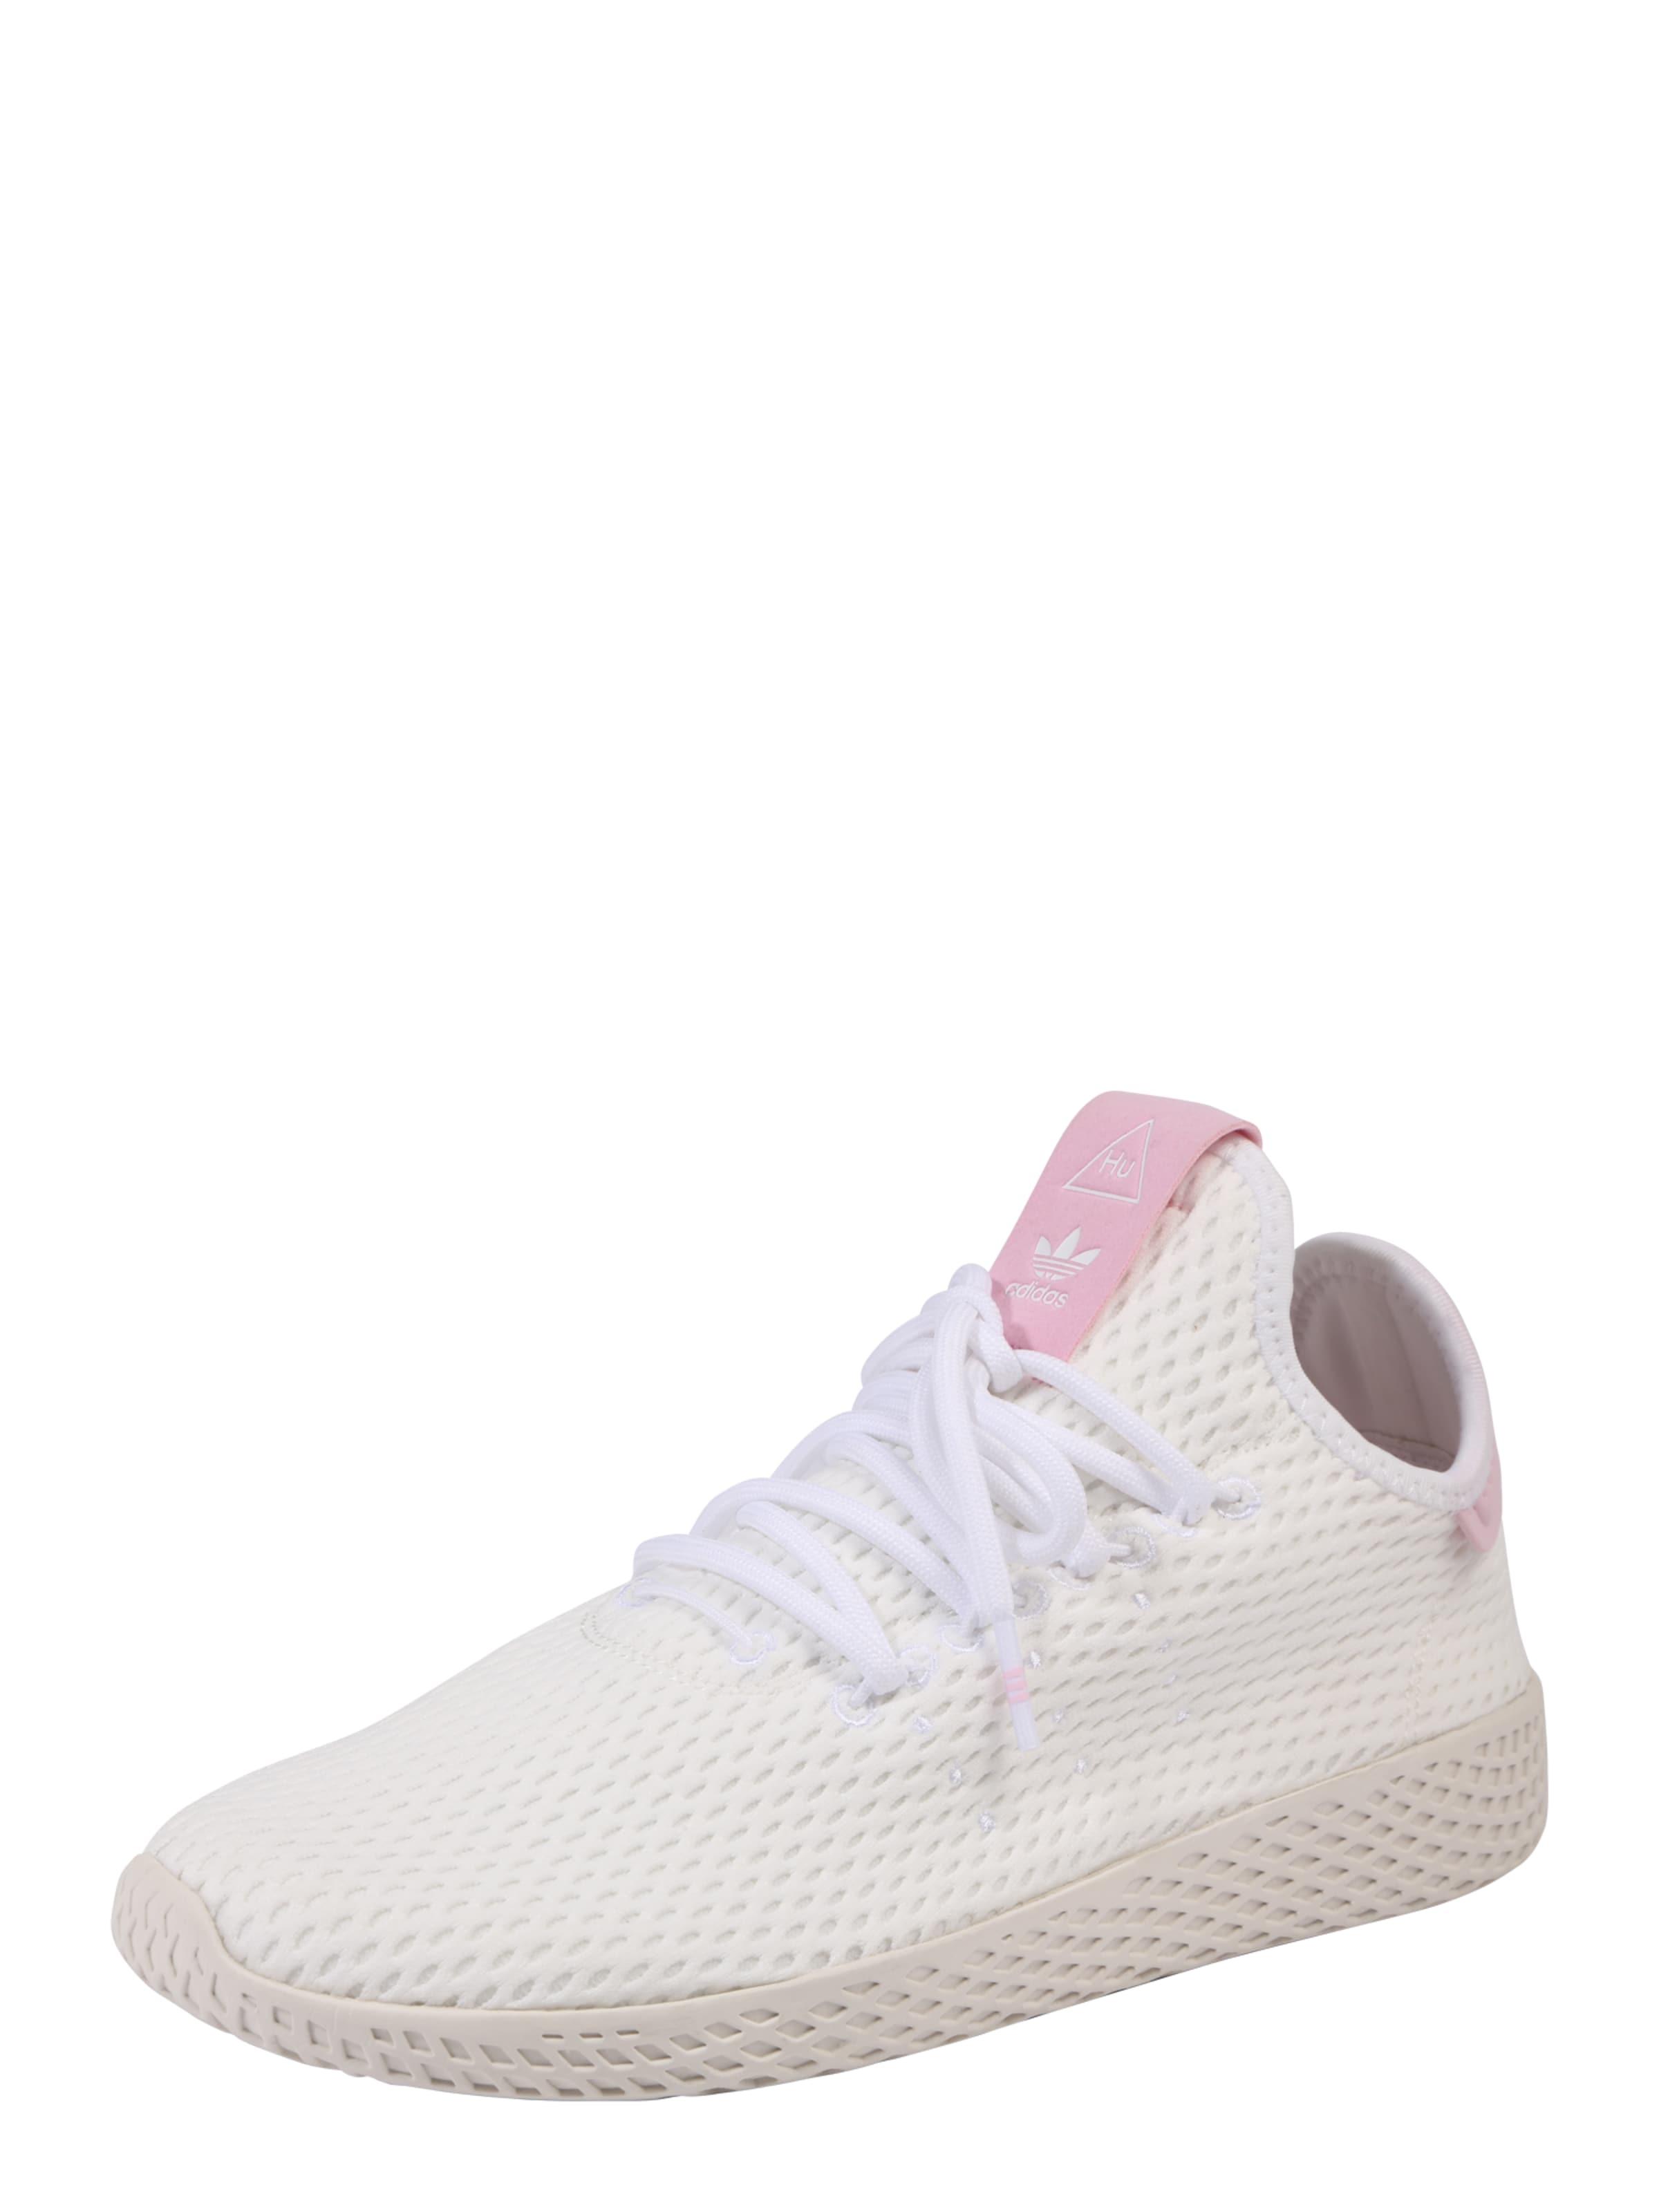 Sneaker 'tennis' Adidas In AltrosaWeiß Originals WEIH29D